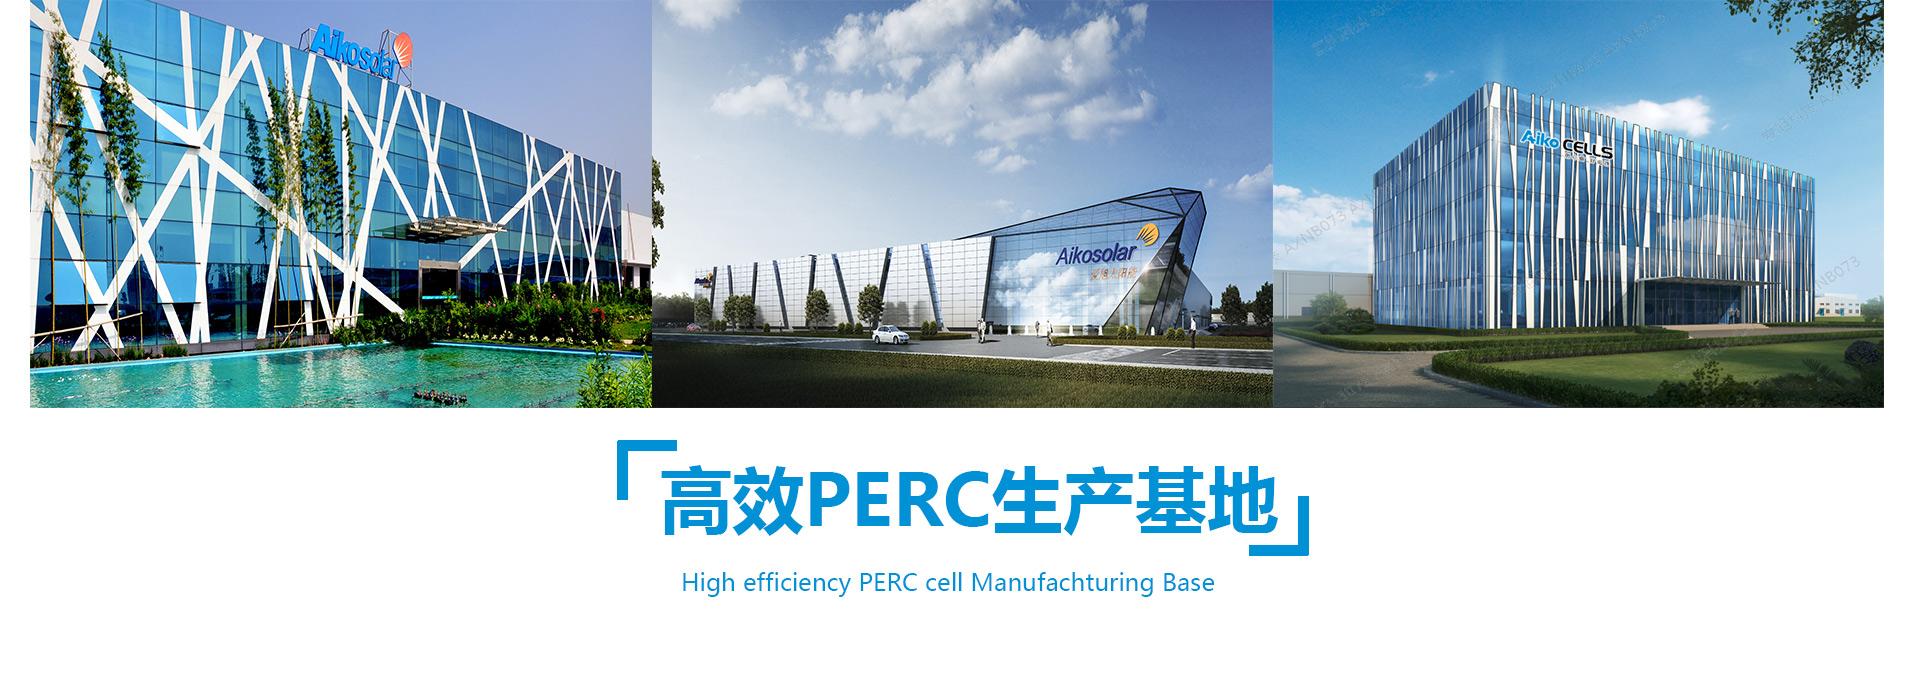 投资22亿!爱旭股份拟建天津二期年产5.4GW高效晶硅ballbet贝博登陆项目